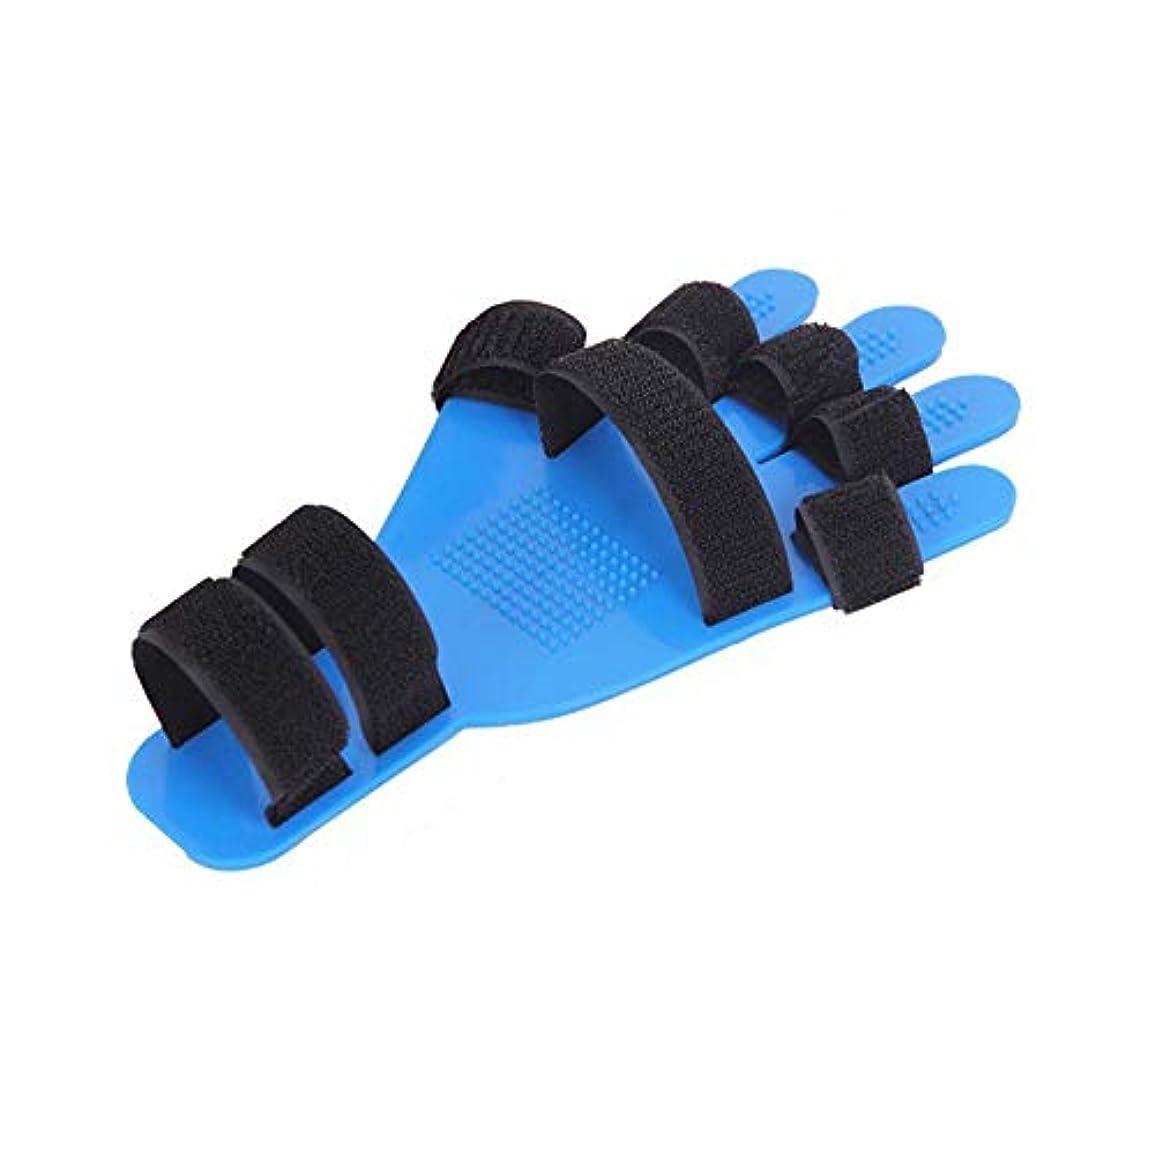 パケット細部王族指トレーニングボード 修正指板 指の訓練板 指サポーター 指の添え木指板 調節可能なフィンガー 指リハビリ訓練器具 左右手通用